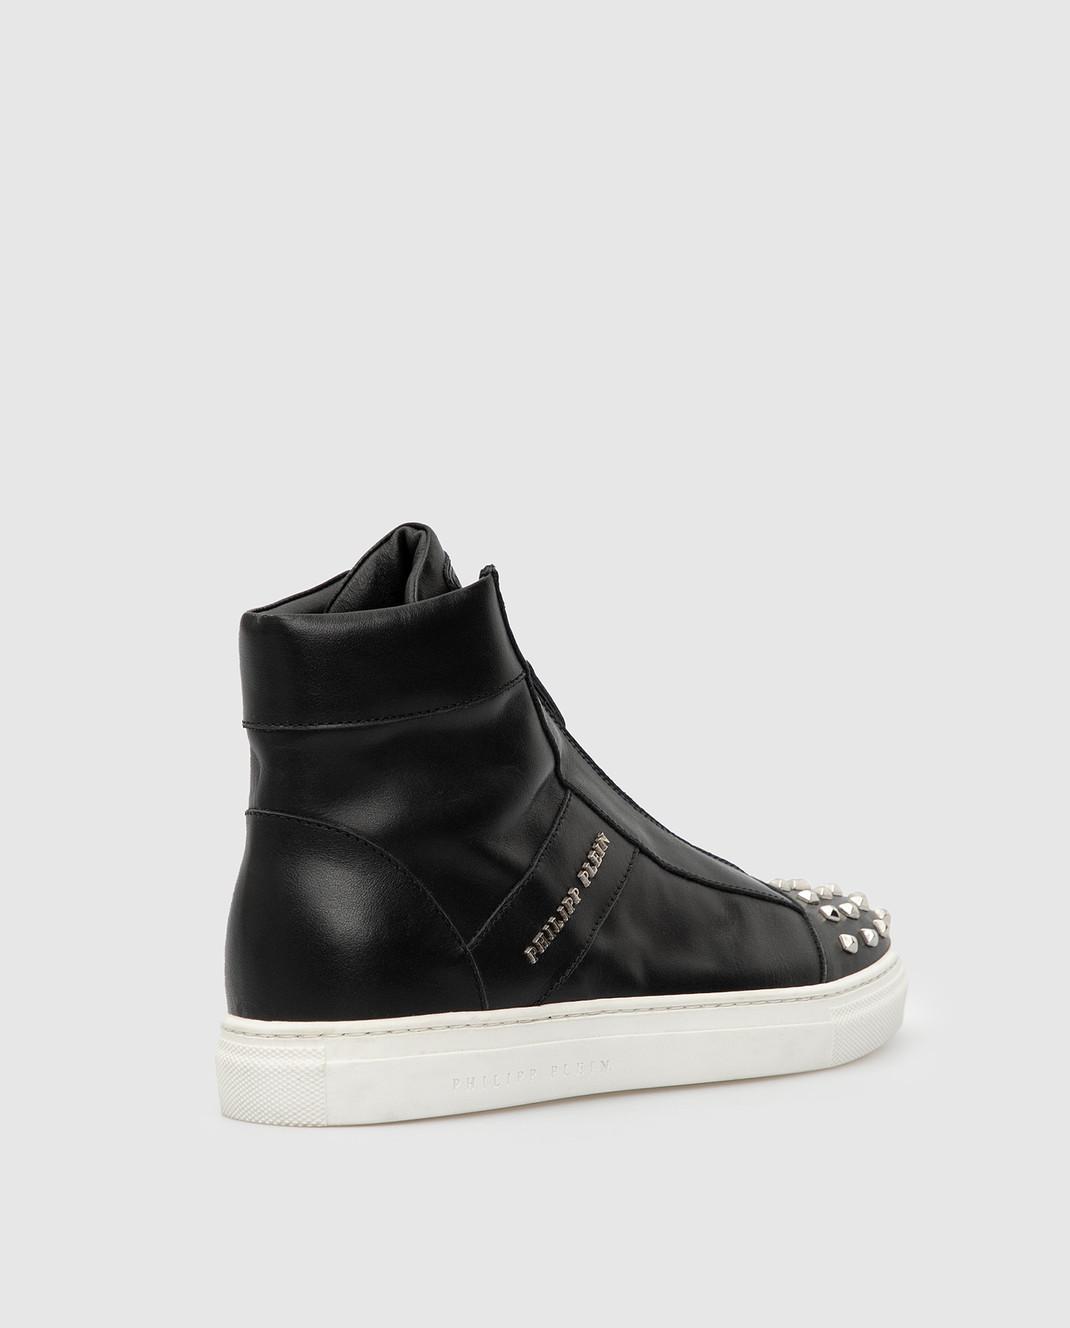 Philipp Plein Детские черные кожаные ботинки BSC0051 изображение 3